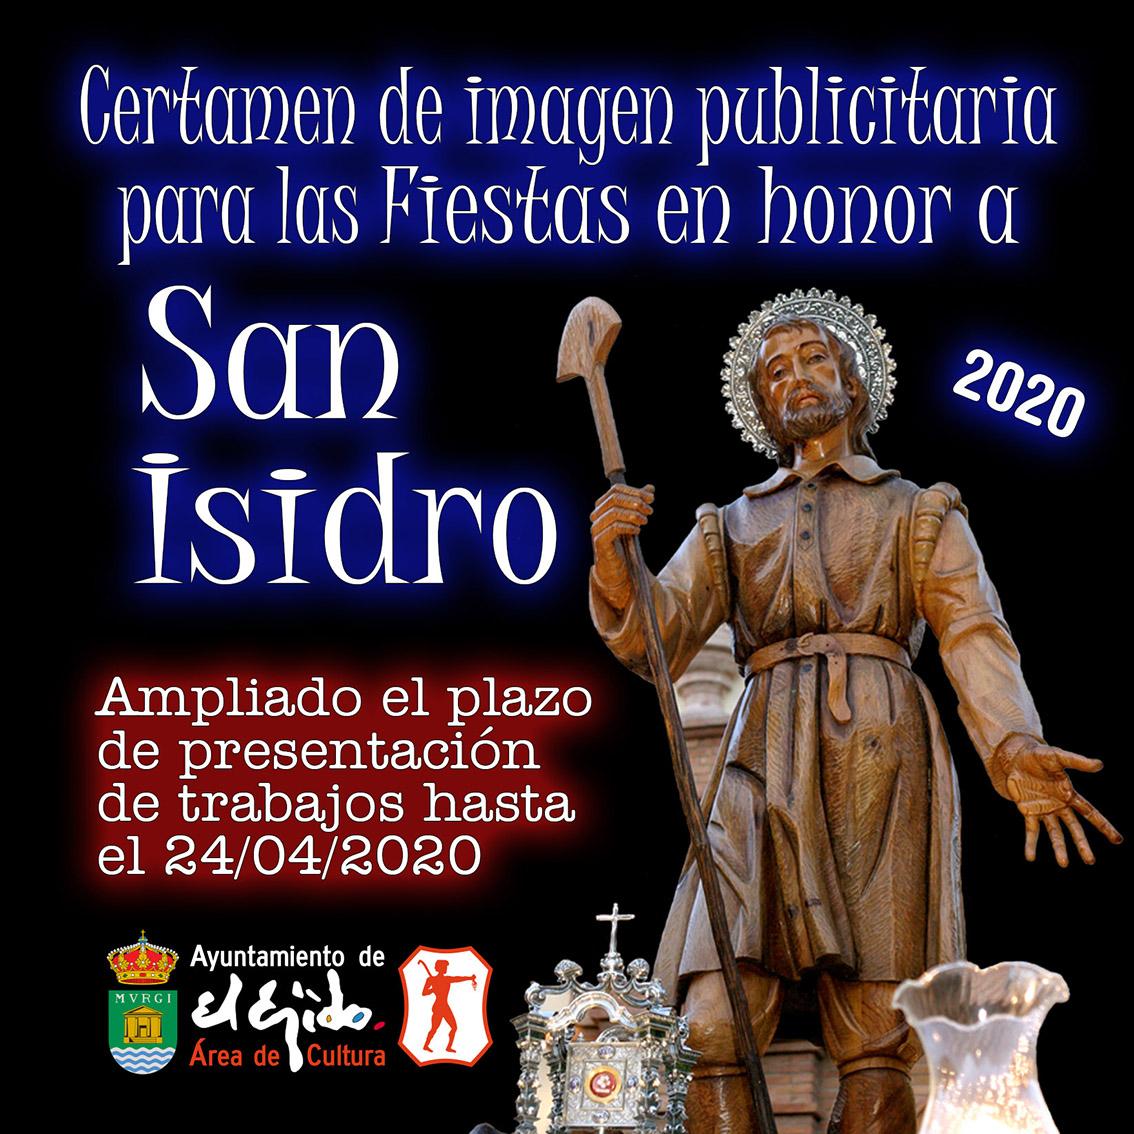 Certamen de imagen publicitaria para las fiestas de San Isidro 2020